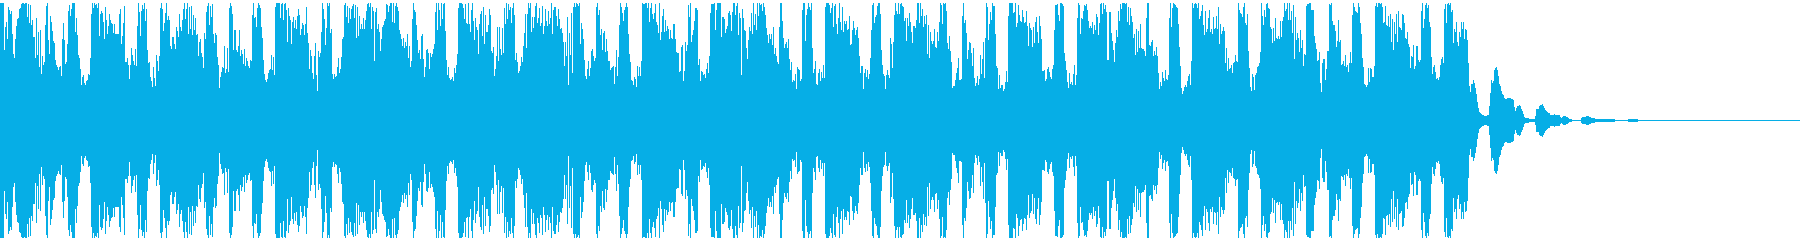 【EDM】トランス、ショート2の再生済みの波形